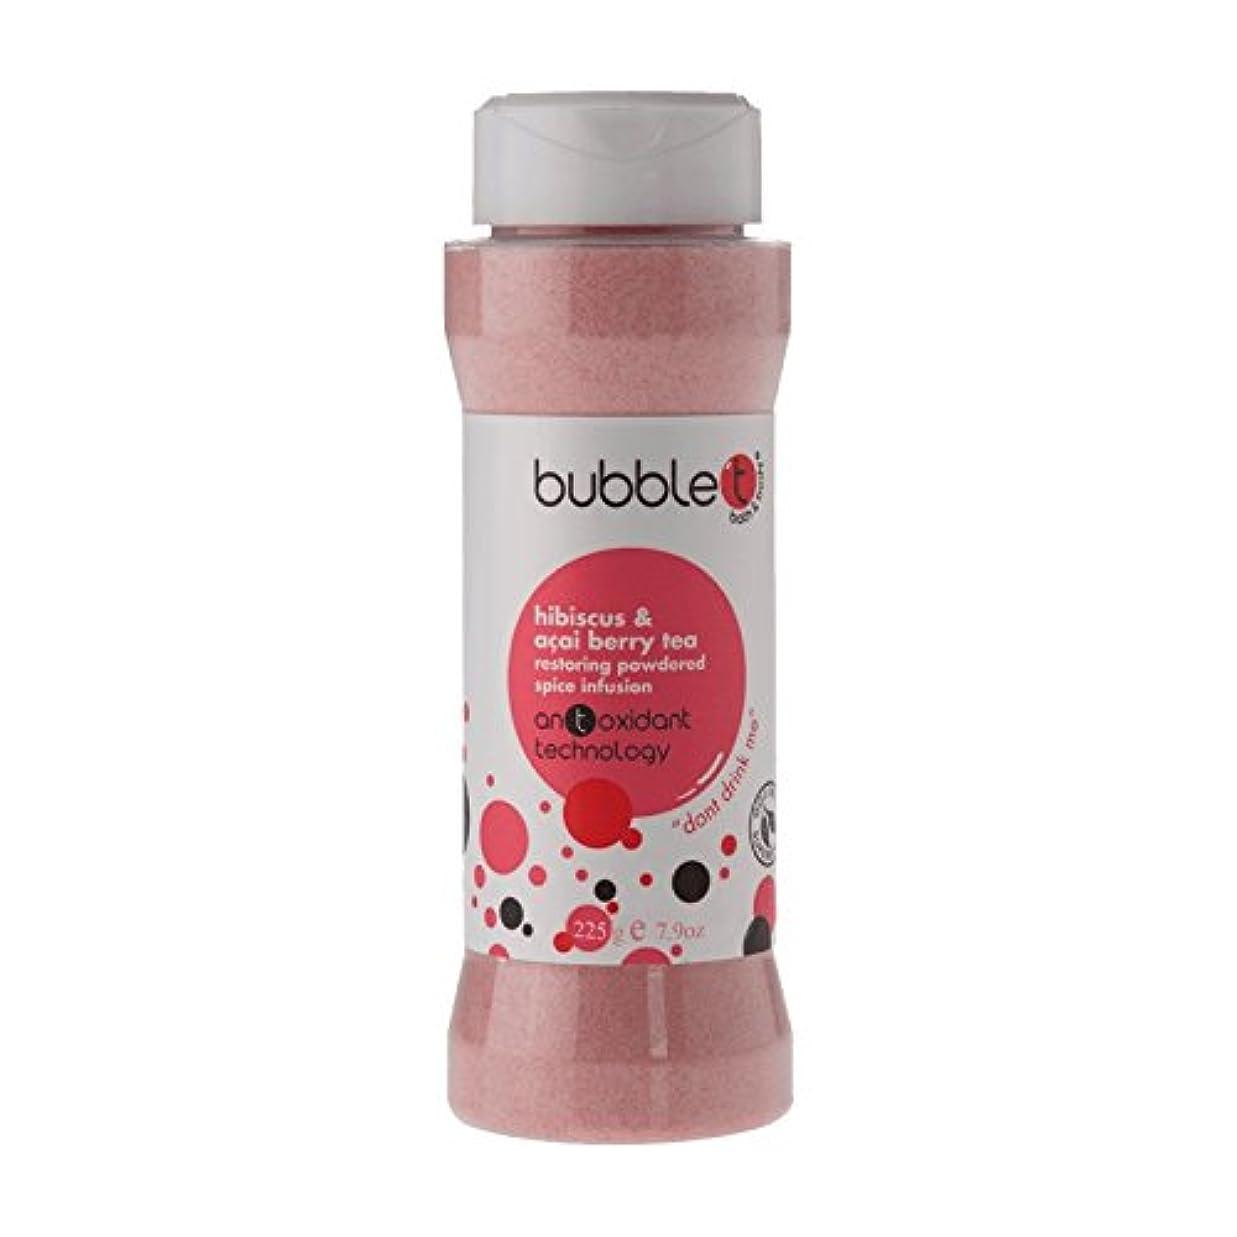 十代気楽な休眠Bubble T Bath Spice Infusion Hibiscus & Acai Berry Tea 225g (Pack of 2) - バブルトン風呂スパイス注入ハイビスカス&アサイベリー茶225グラム (x2...